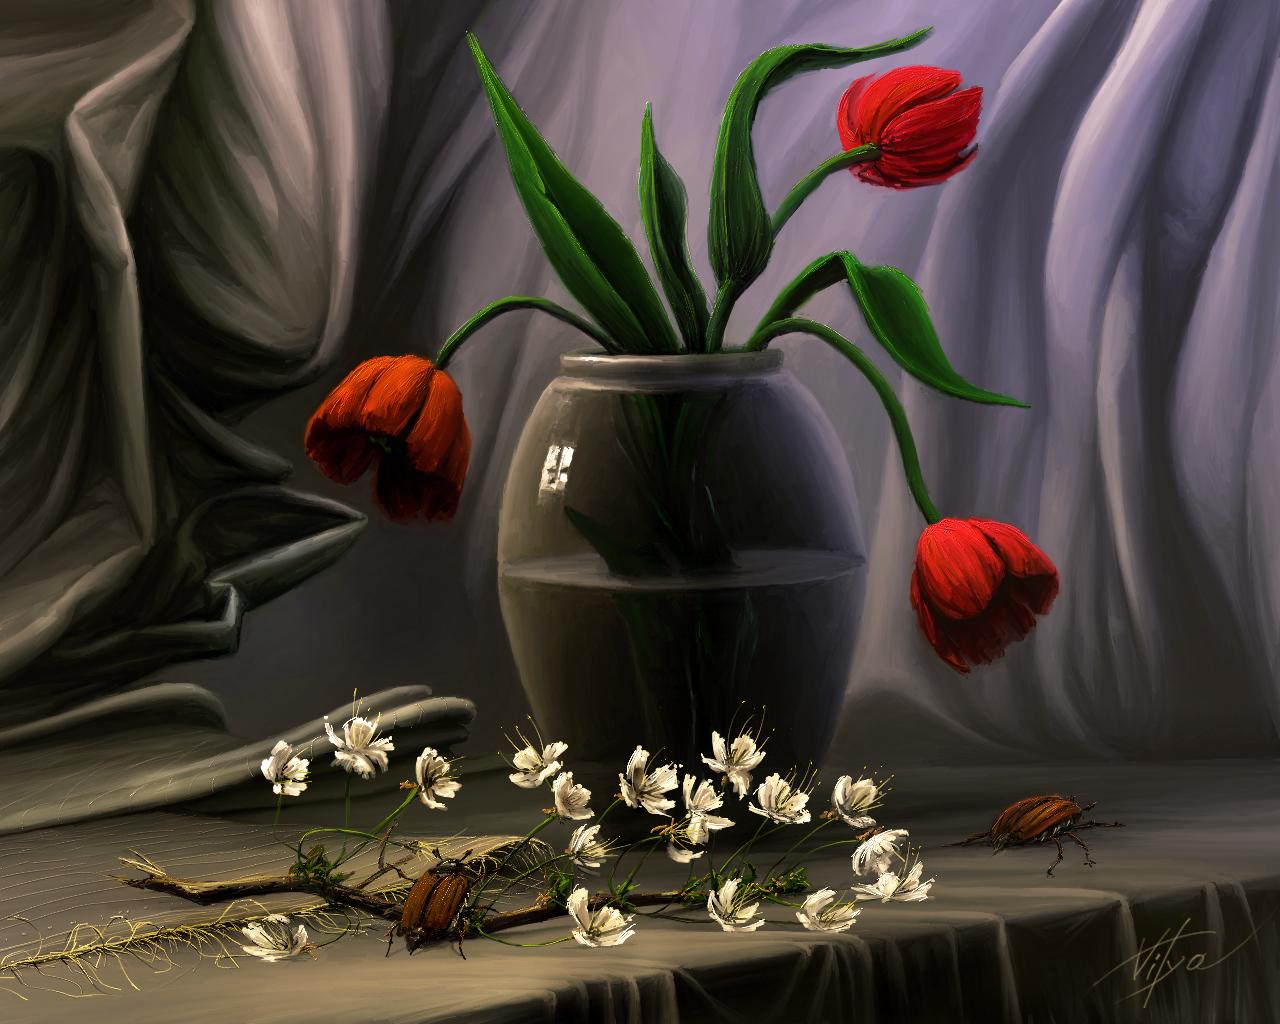 may-bugs by VityaR83